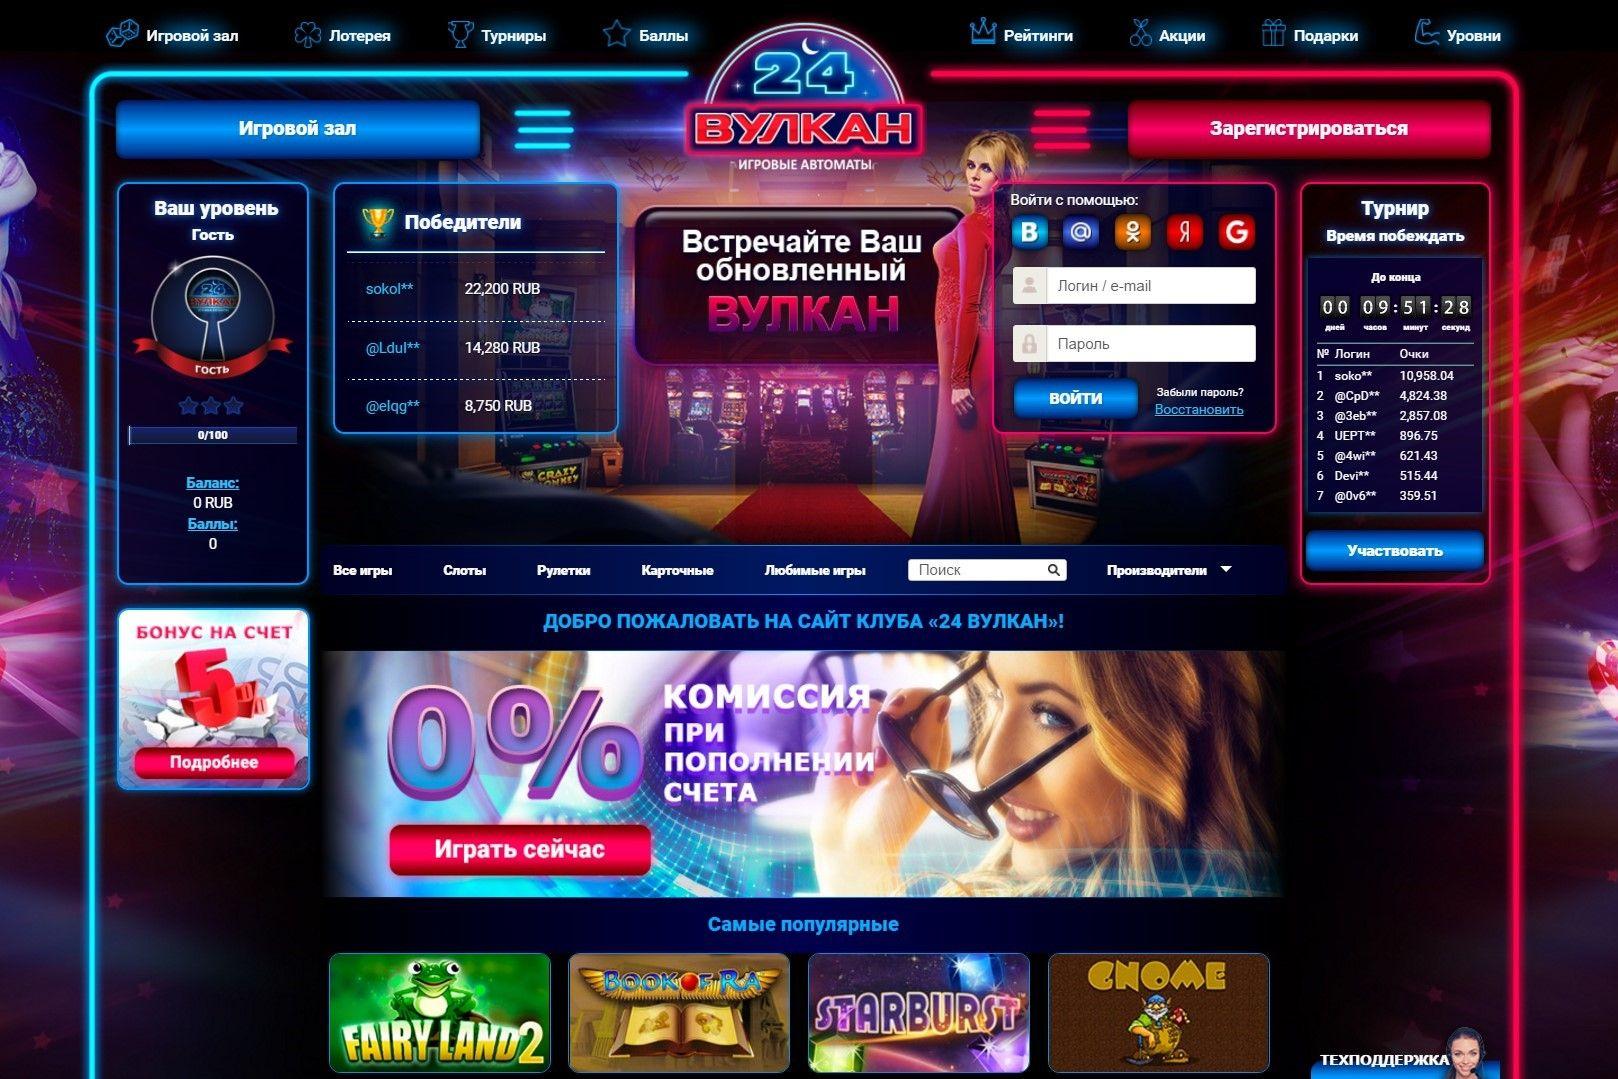 казино вулкан 24 играть на реальные деньги